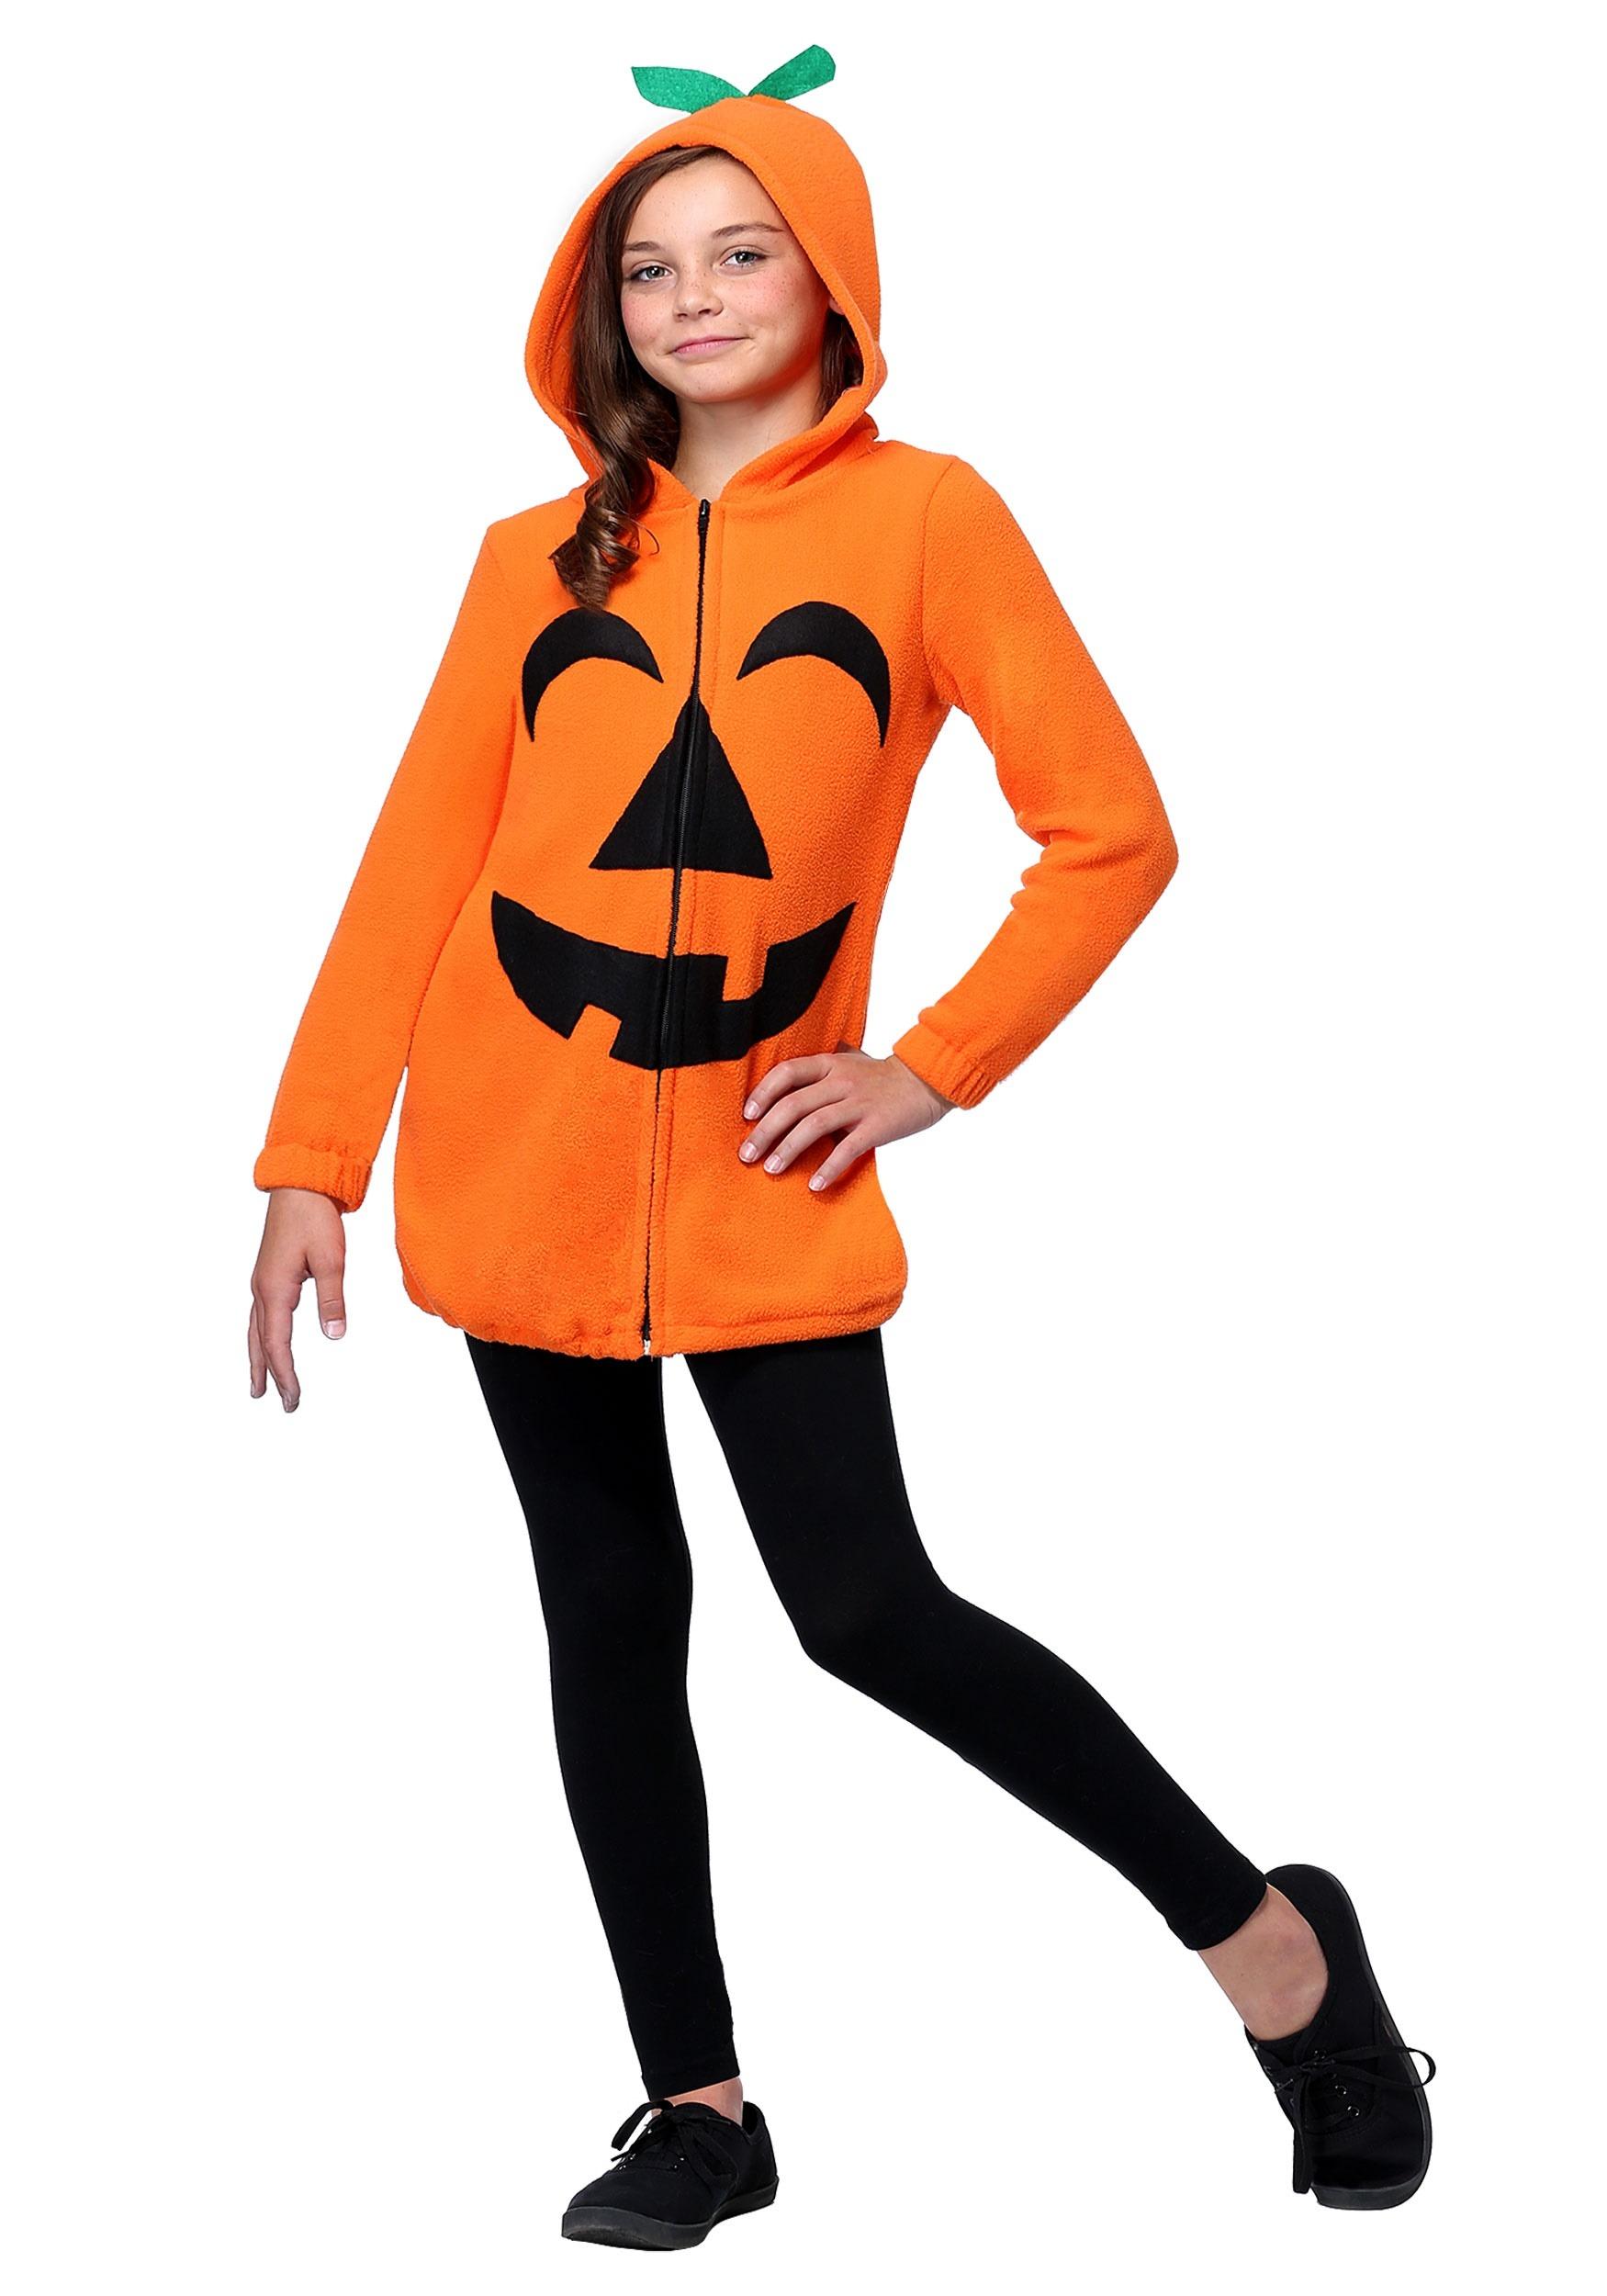 Playful Pumpkin Costume for Girls